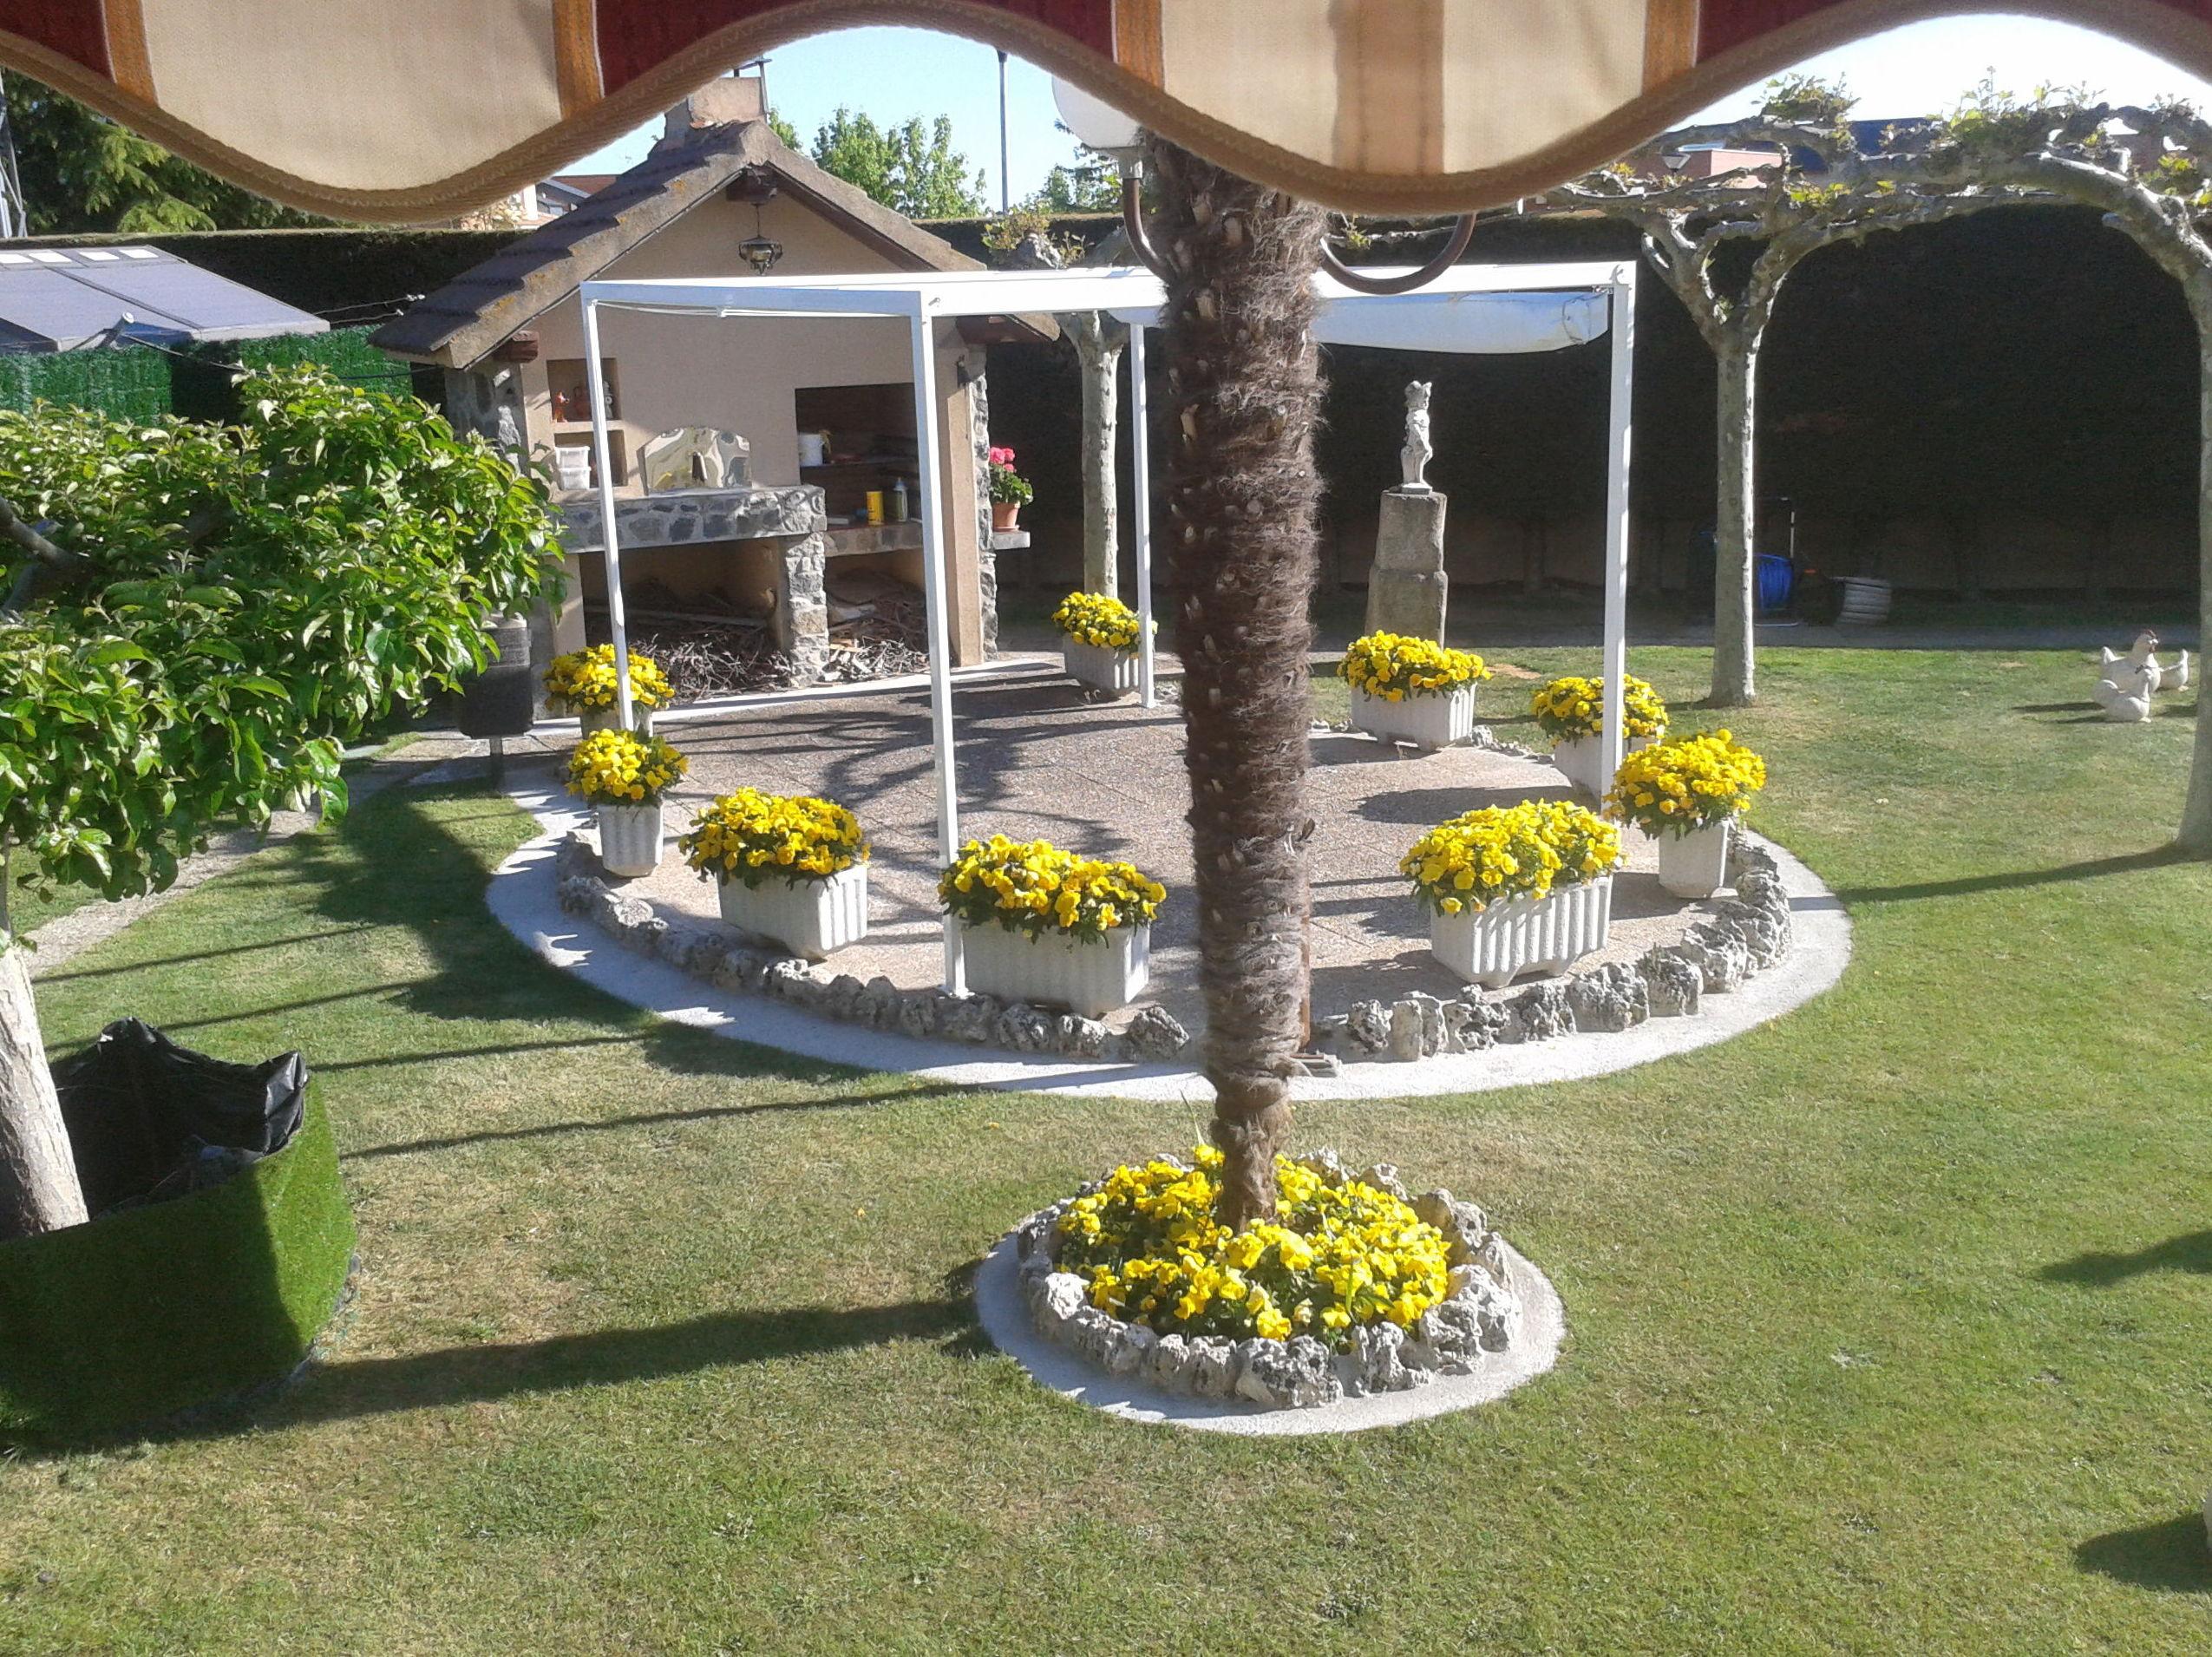 Foto 6 de Jardines (diseño y mantenimiento) en Corrales | Jardiner Zamora